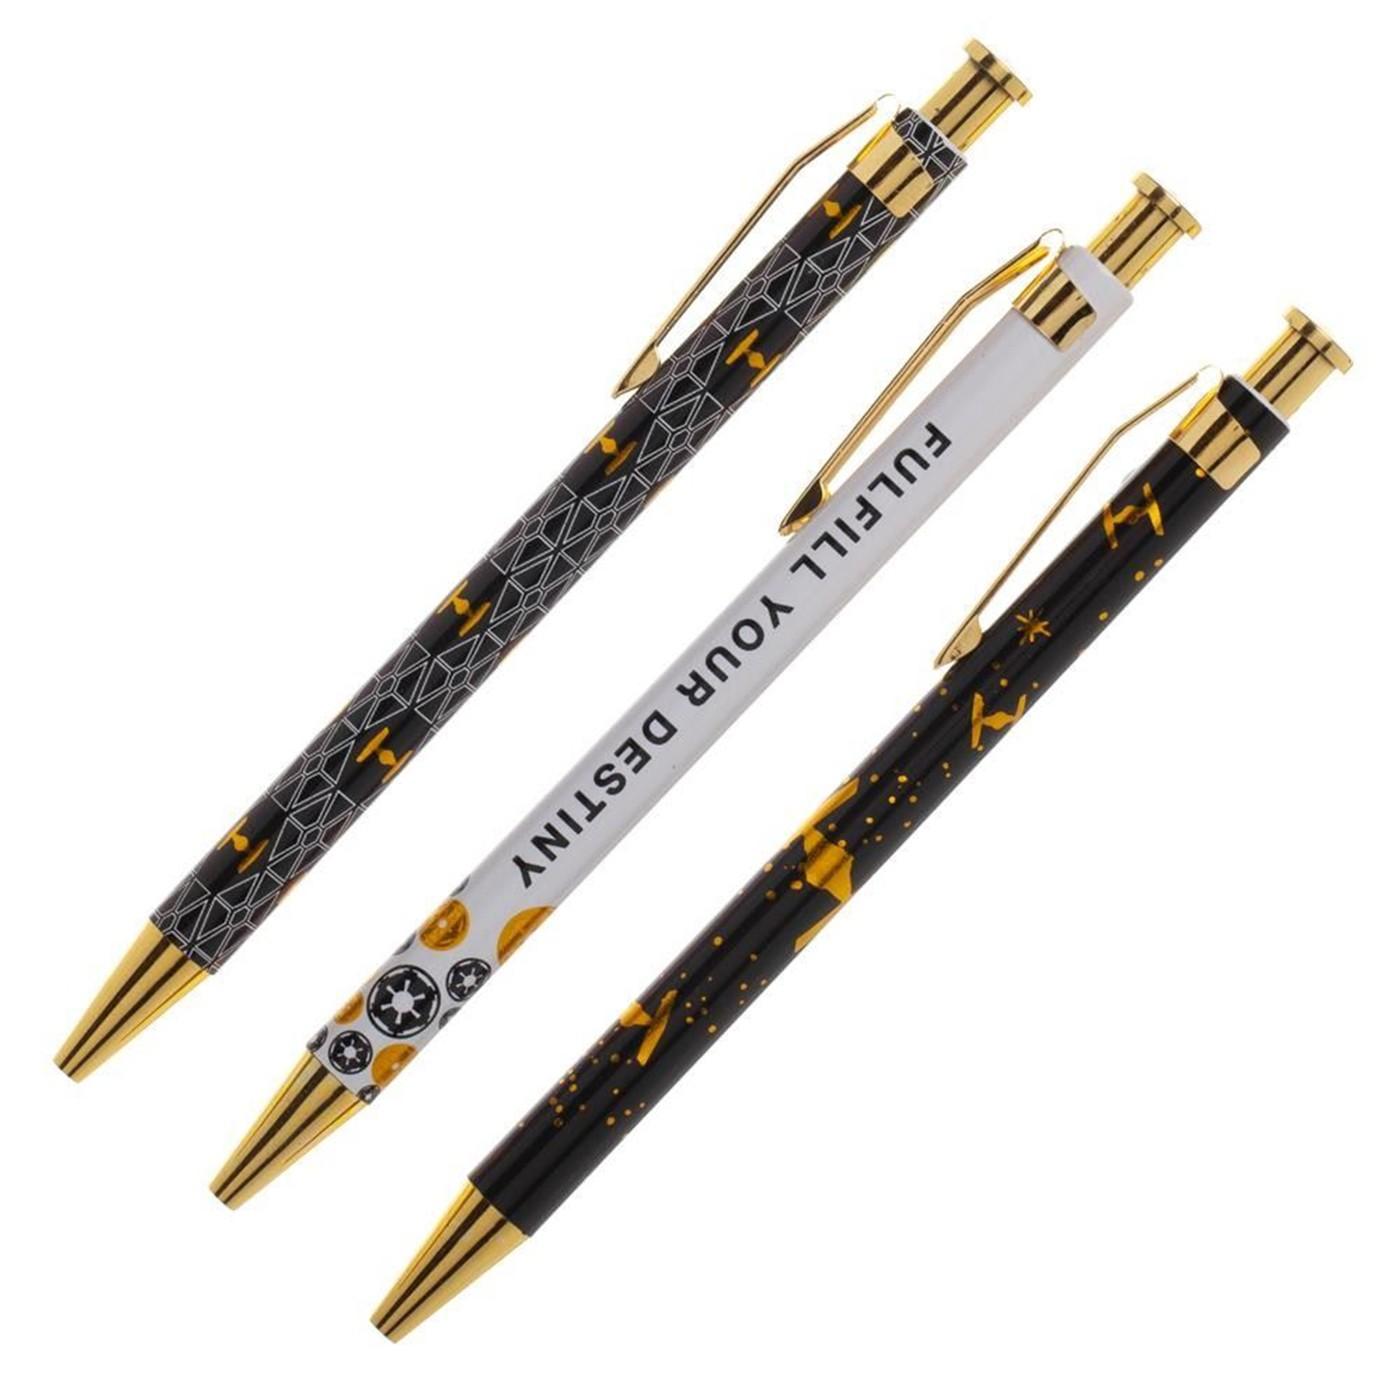 Star Wars 3 Pack Pens